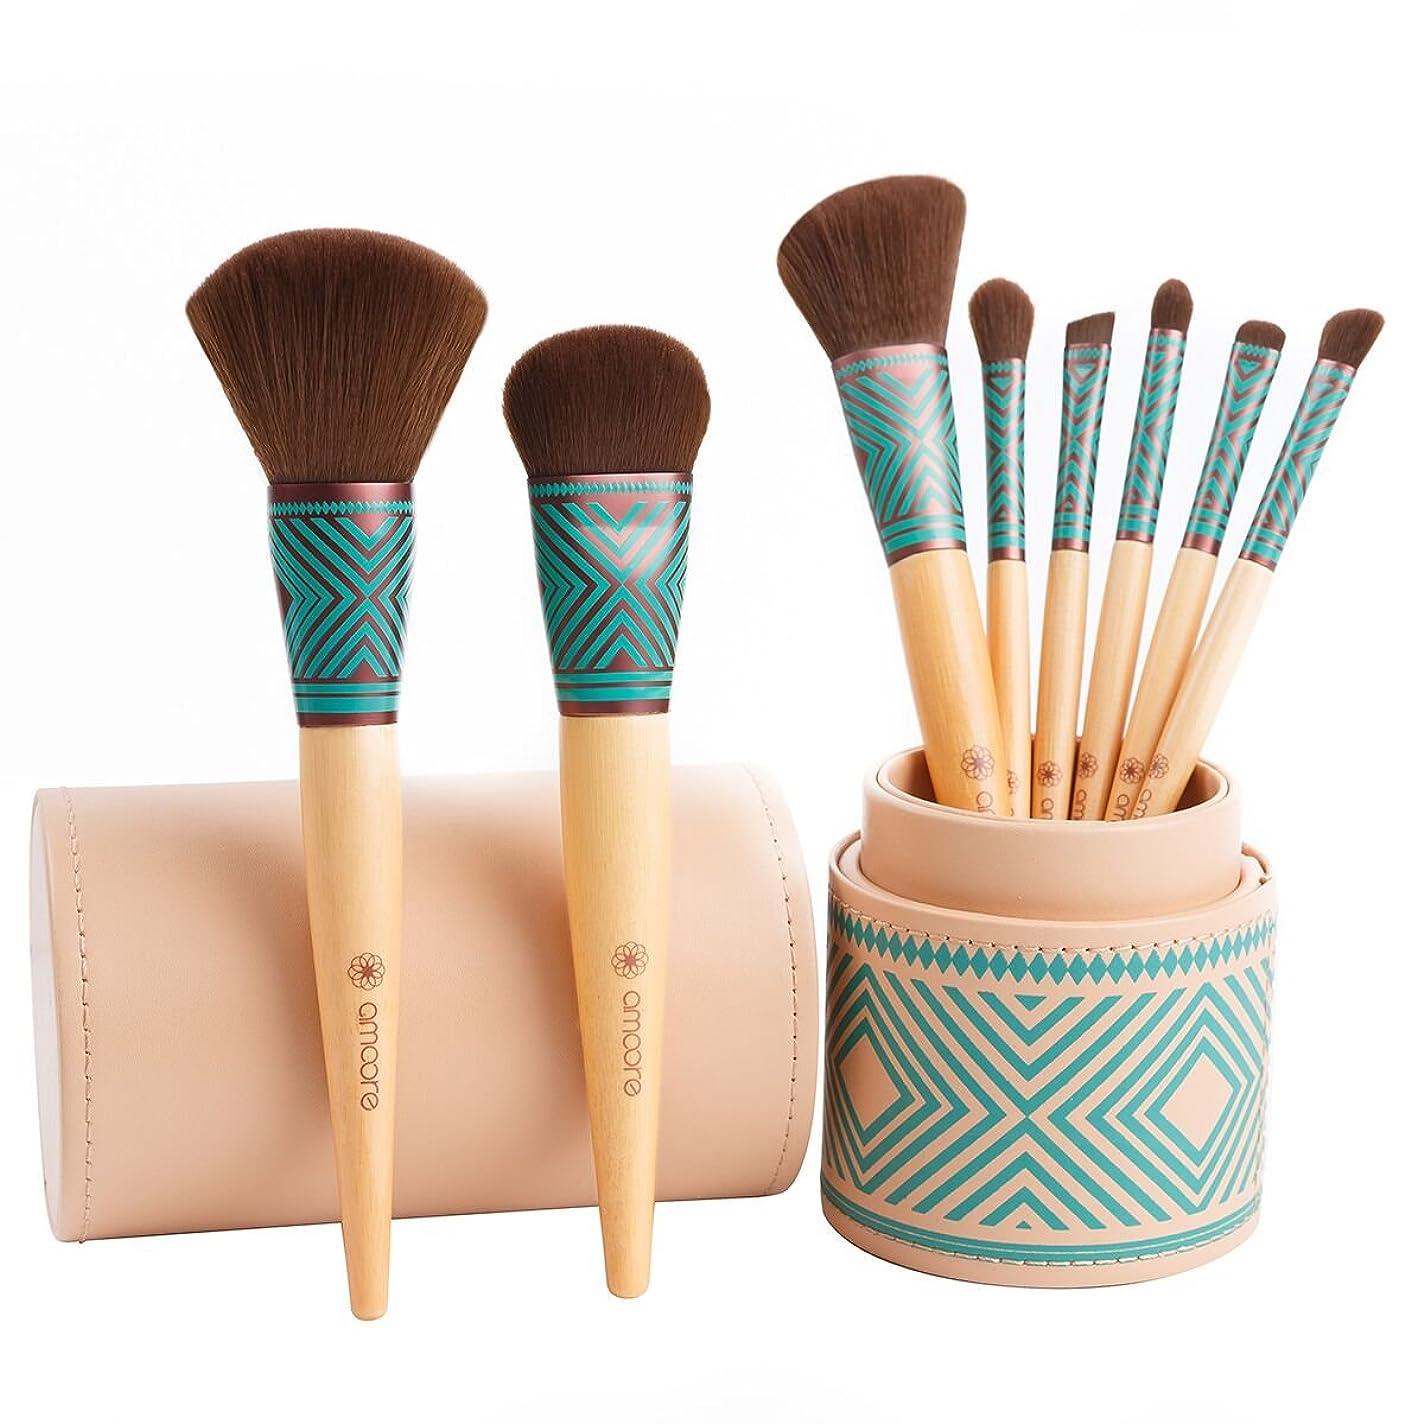 耳かる南東amoore 8本 化粧筆 メイクブラシセット 化粧ブラシ セット コスメ ブラシ 収納ケース付き